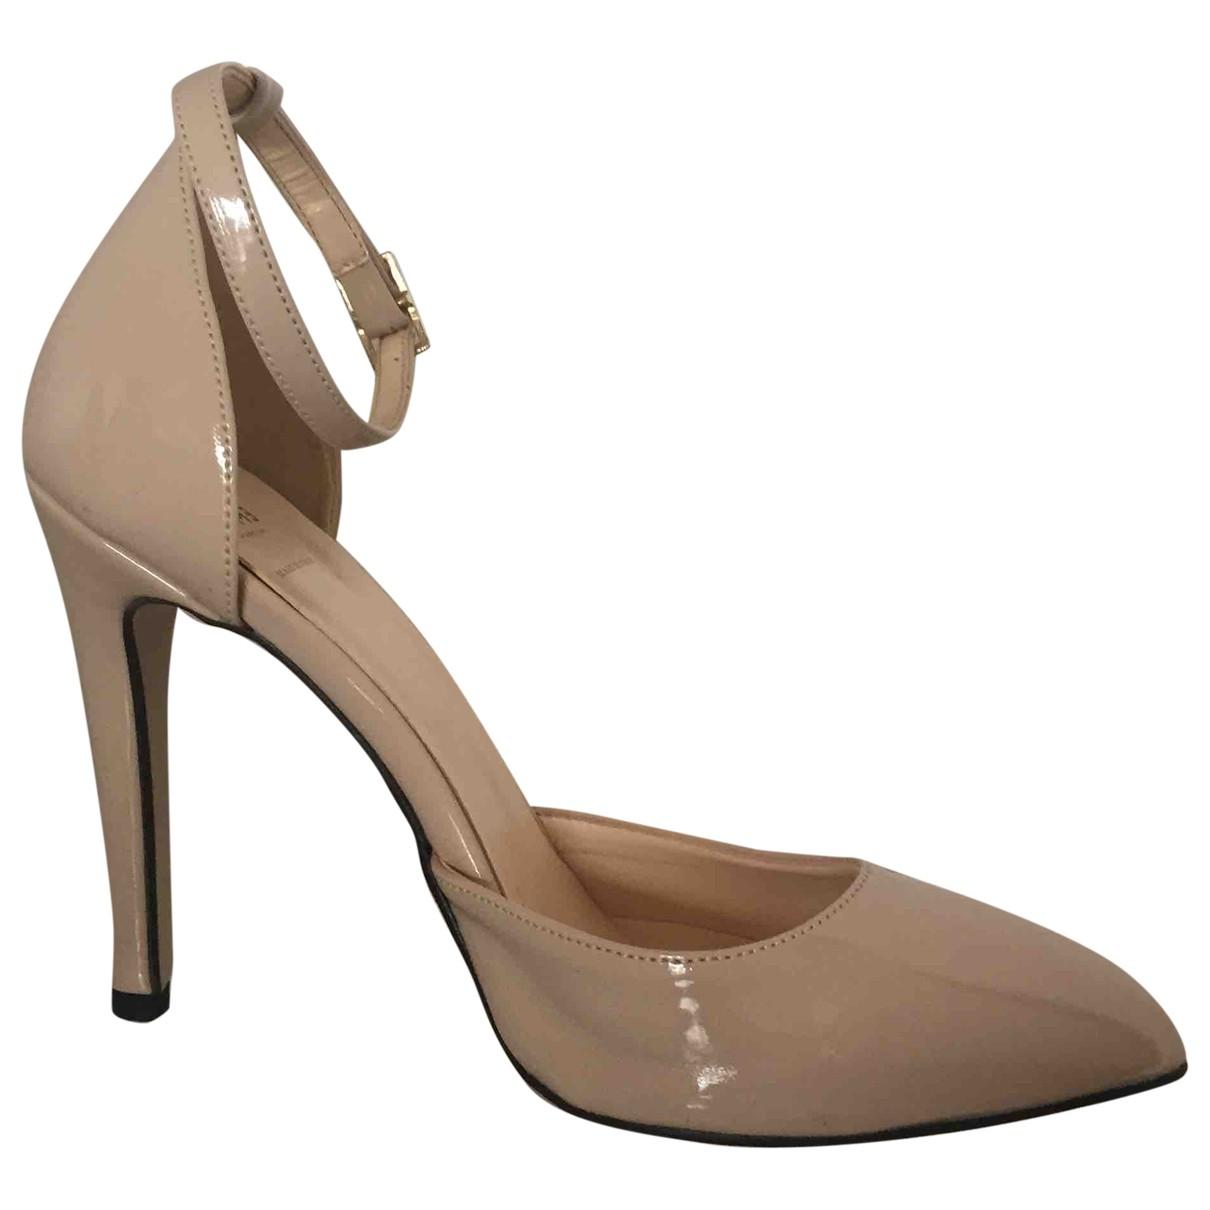 Marella - Escarpins   pour femme en cuir verni - beige